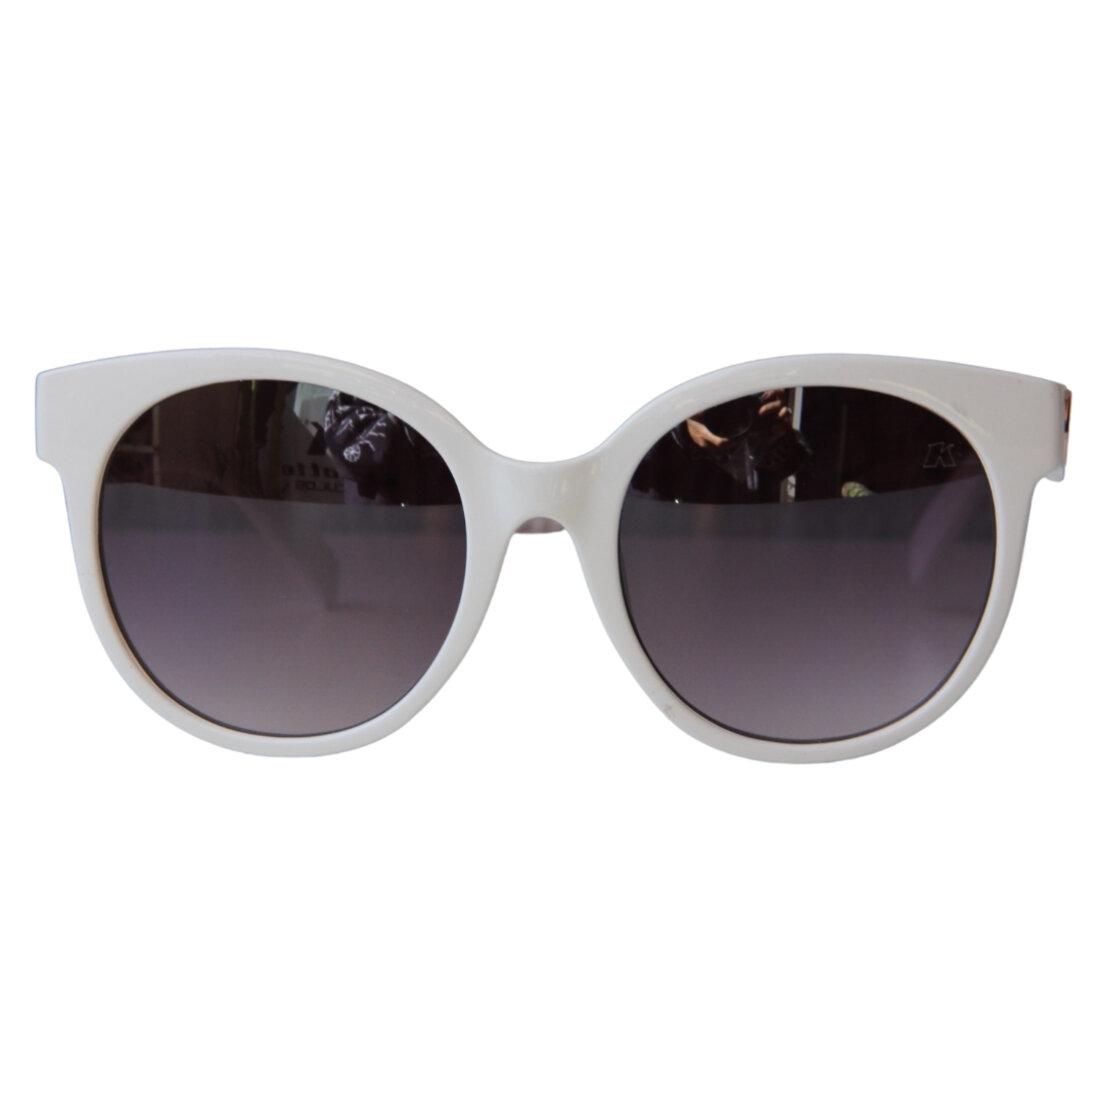 OUTLET - Óculos de Sol Khatto Round - Branco